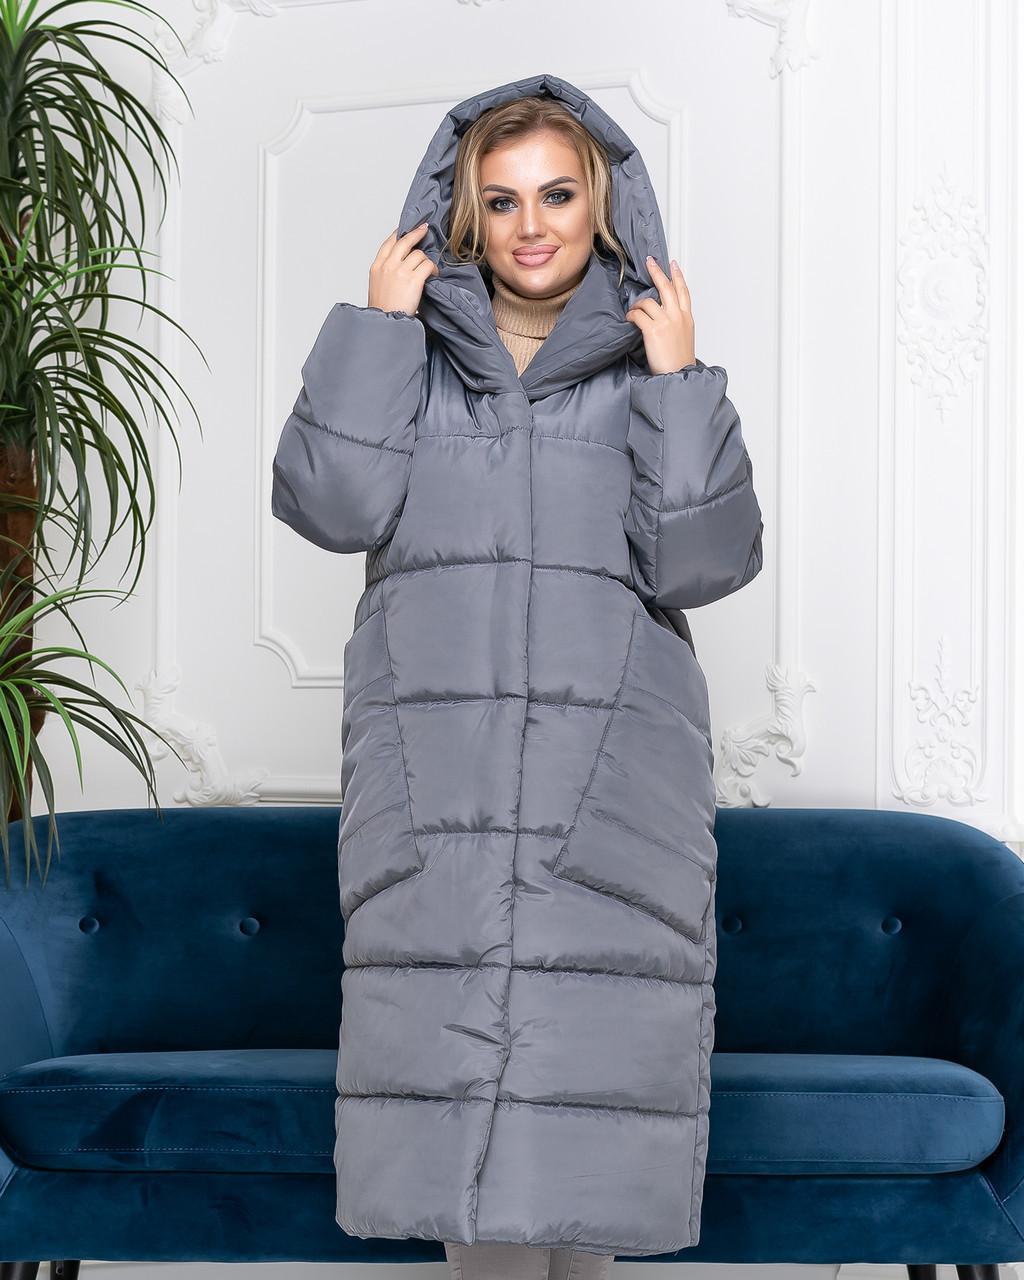 Пальто курка кокон Oversize зимова, артикул 500, колір сірий маренго